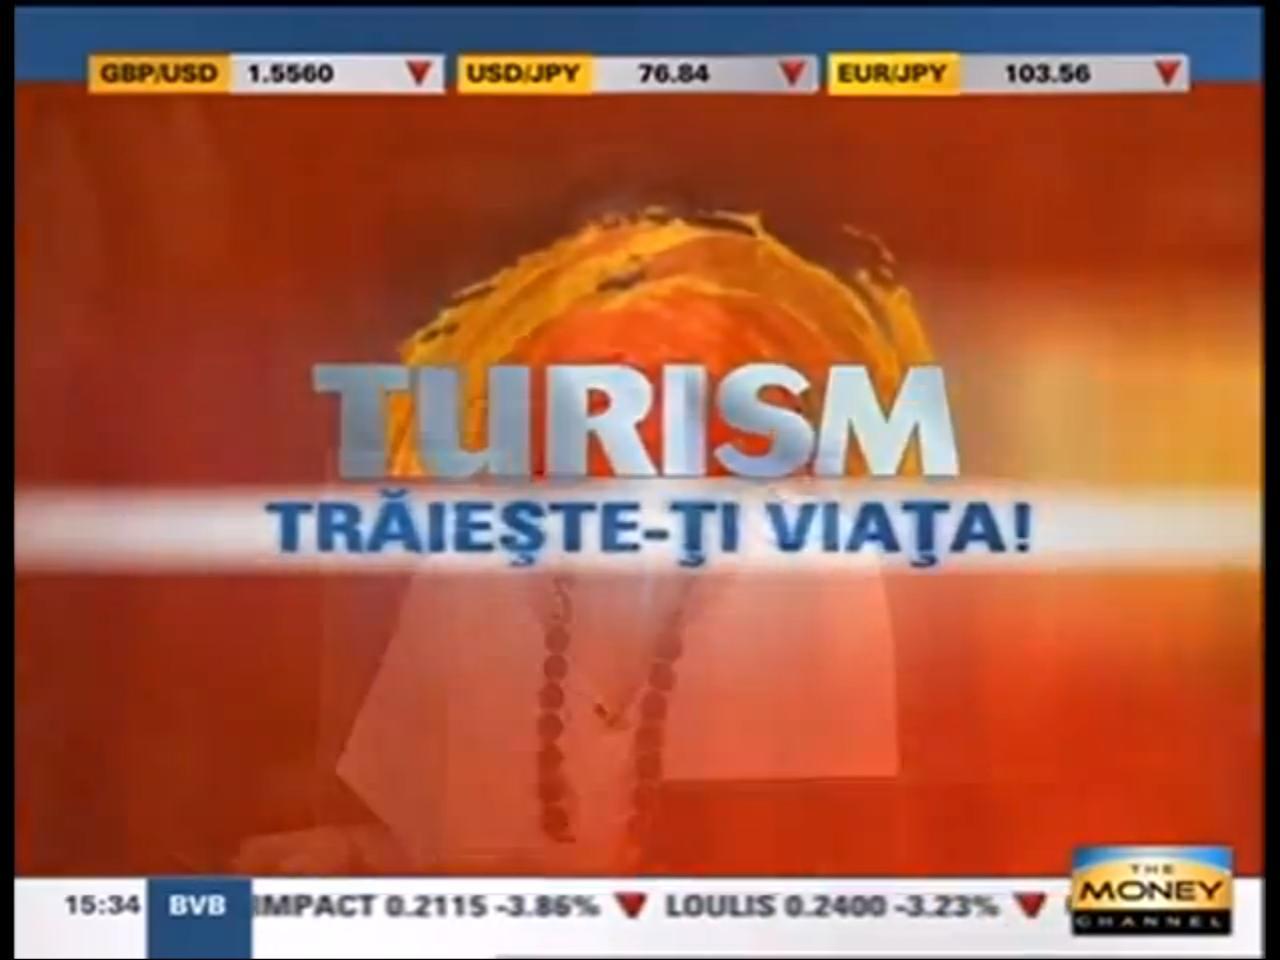 Înregistrare emisiunea de turism Trăieşte-ţi viaţa – ediţia 10, 16 decembrie 2011